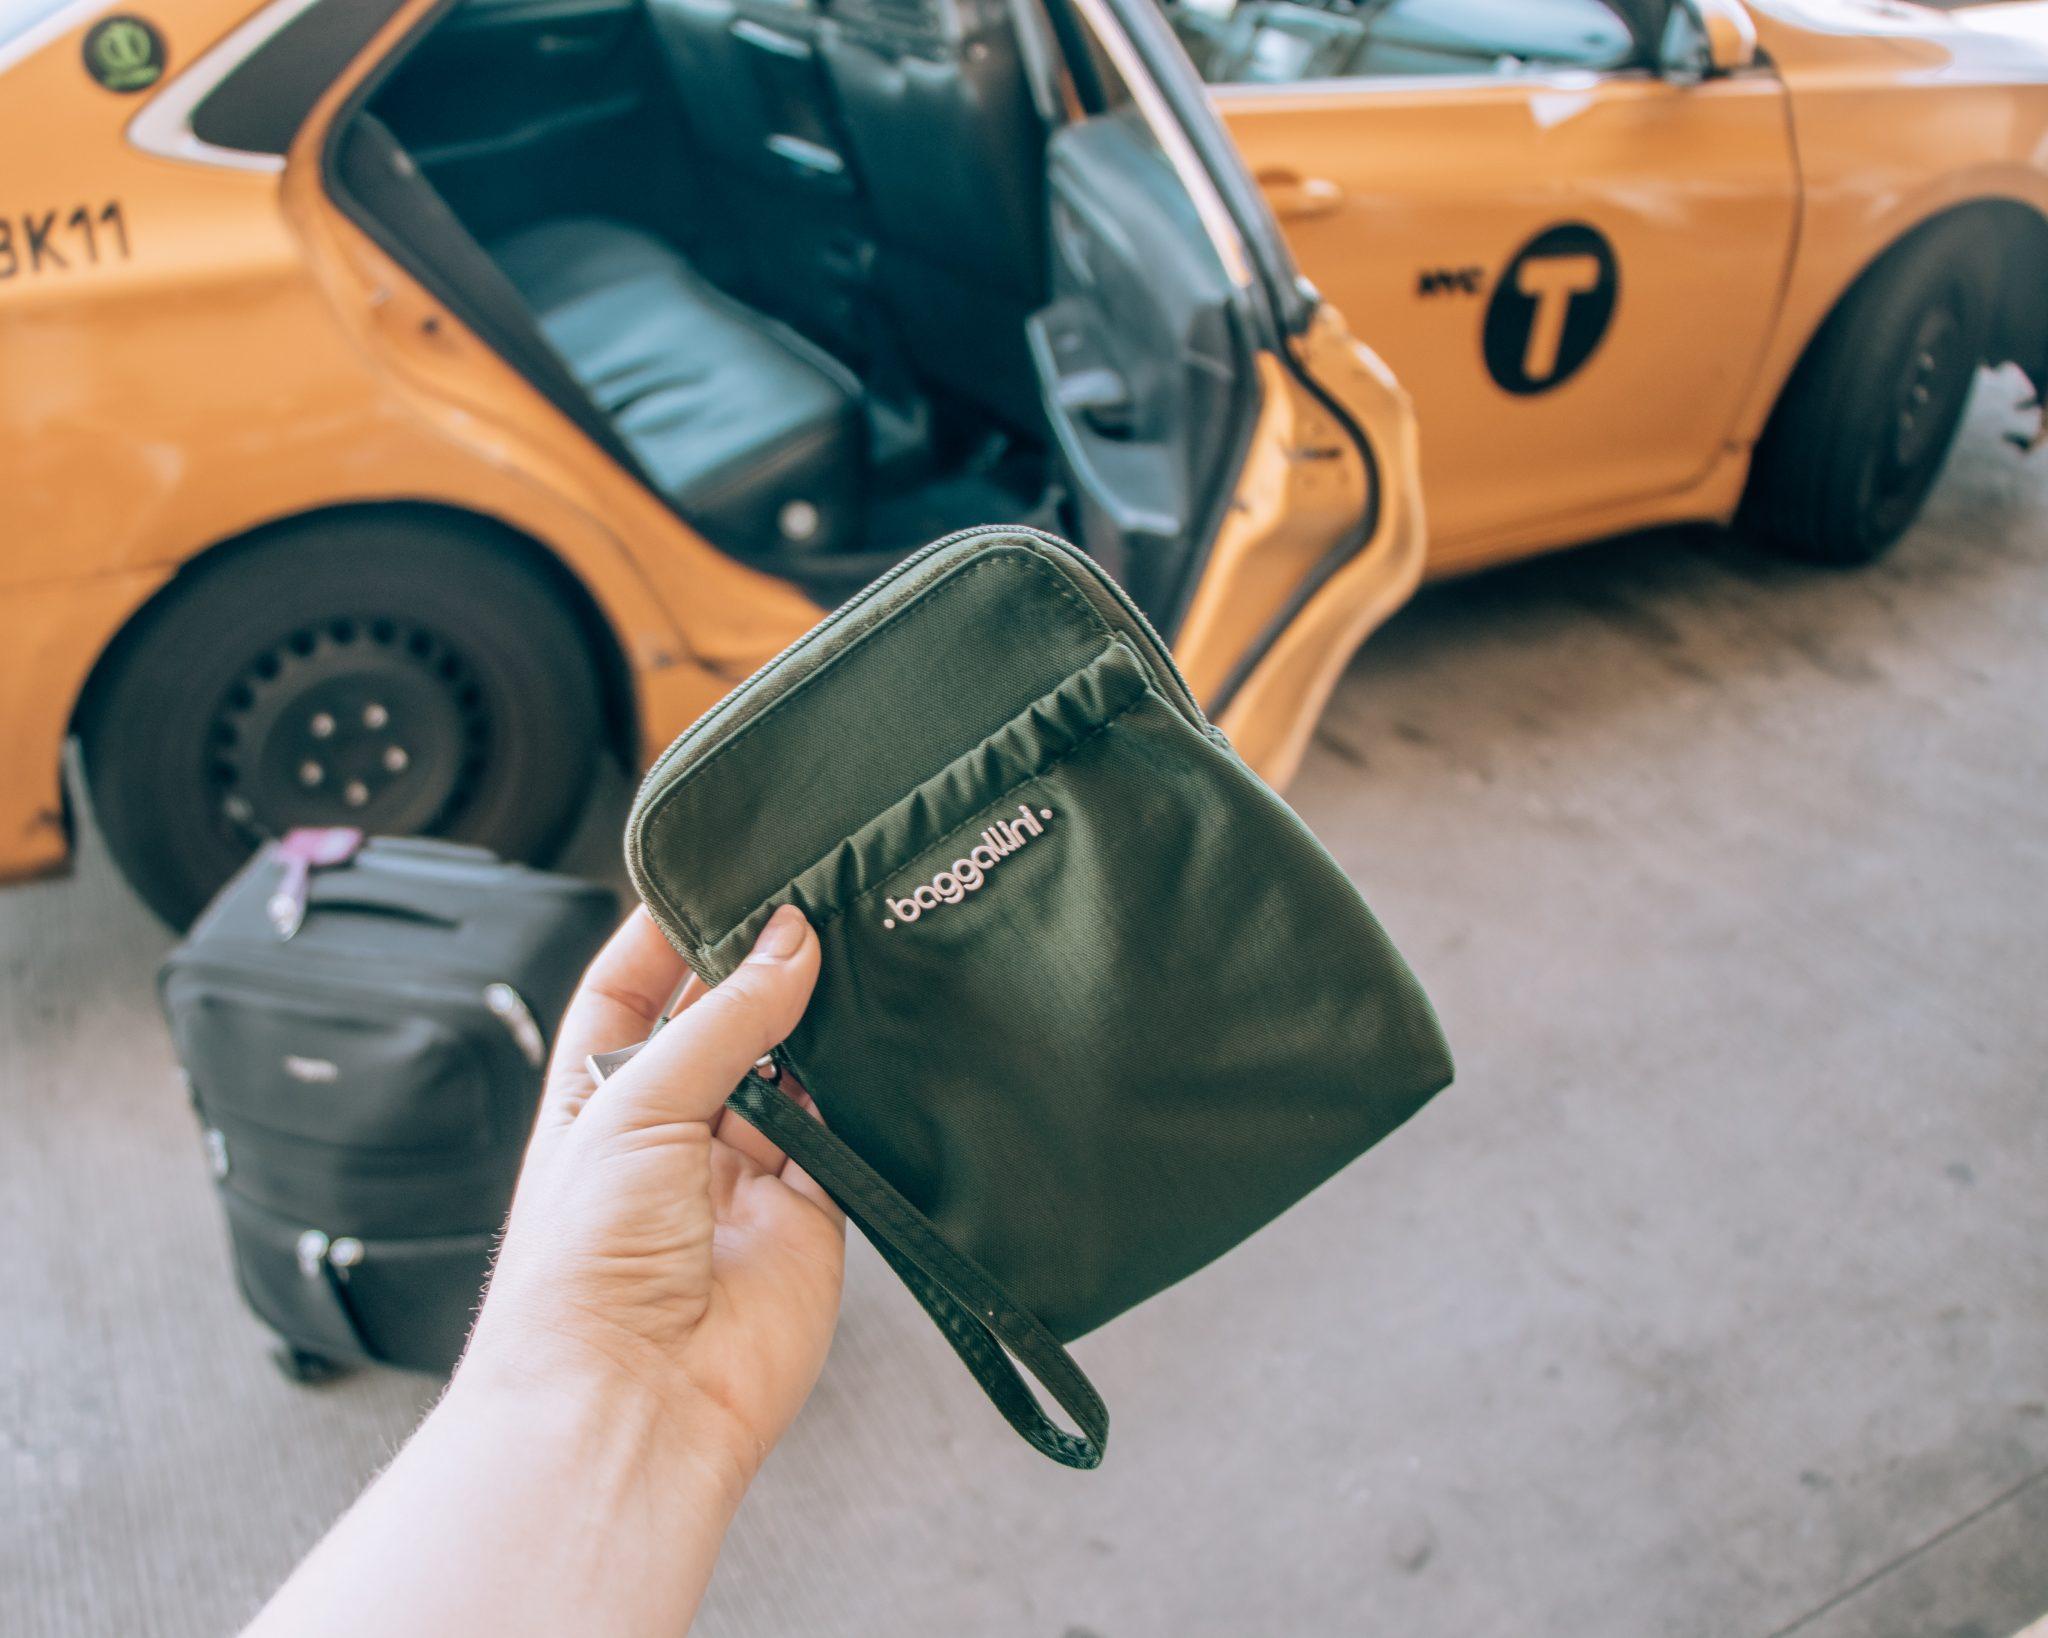 rfid travel bags